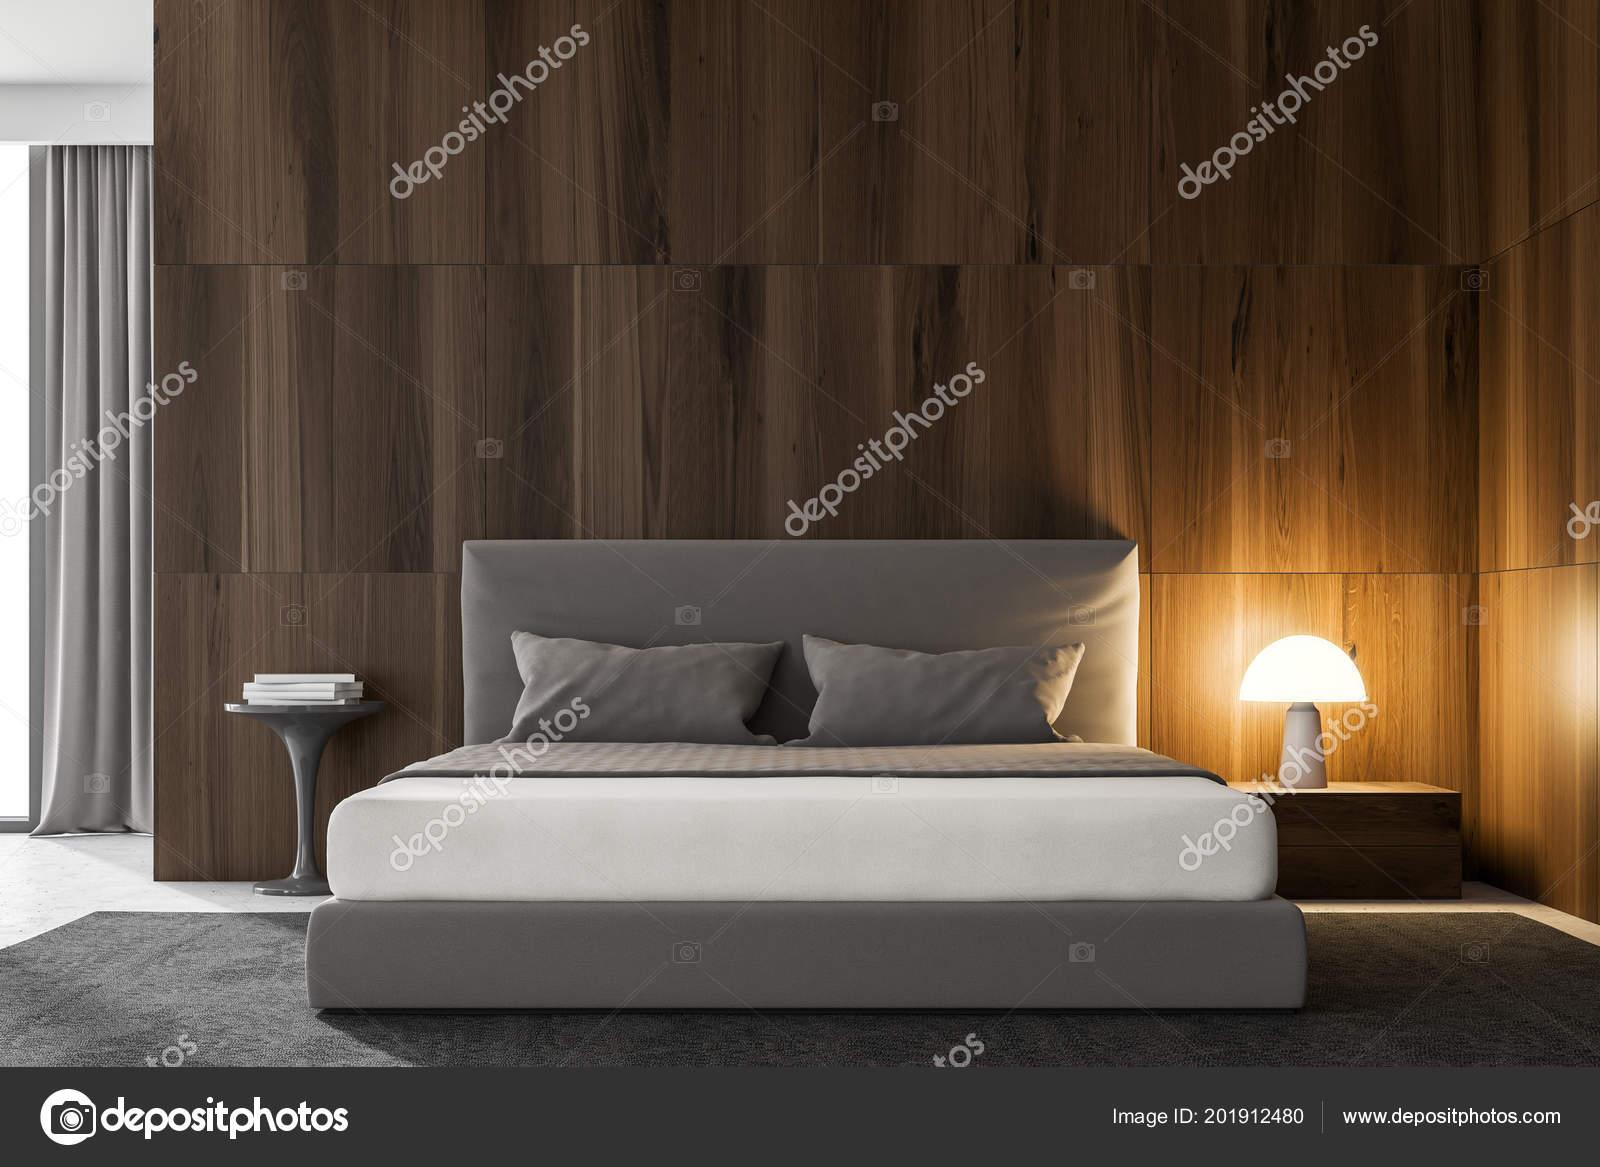 Wnętrze Sypialni Ciemne Drewniane ściany Szare łóżko Wzorca